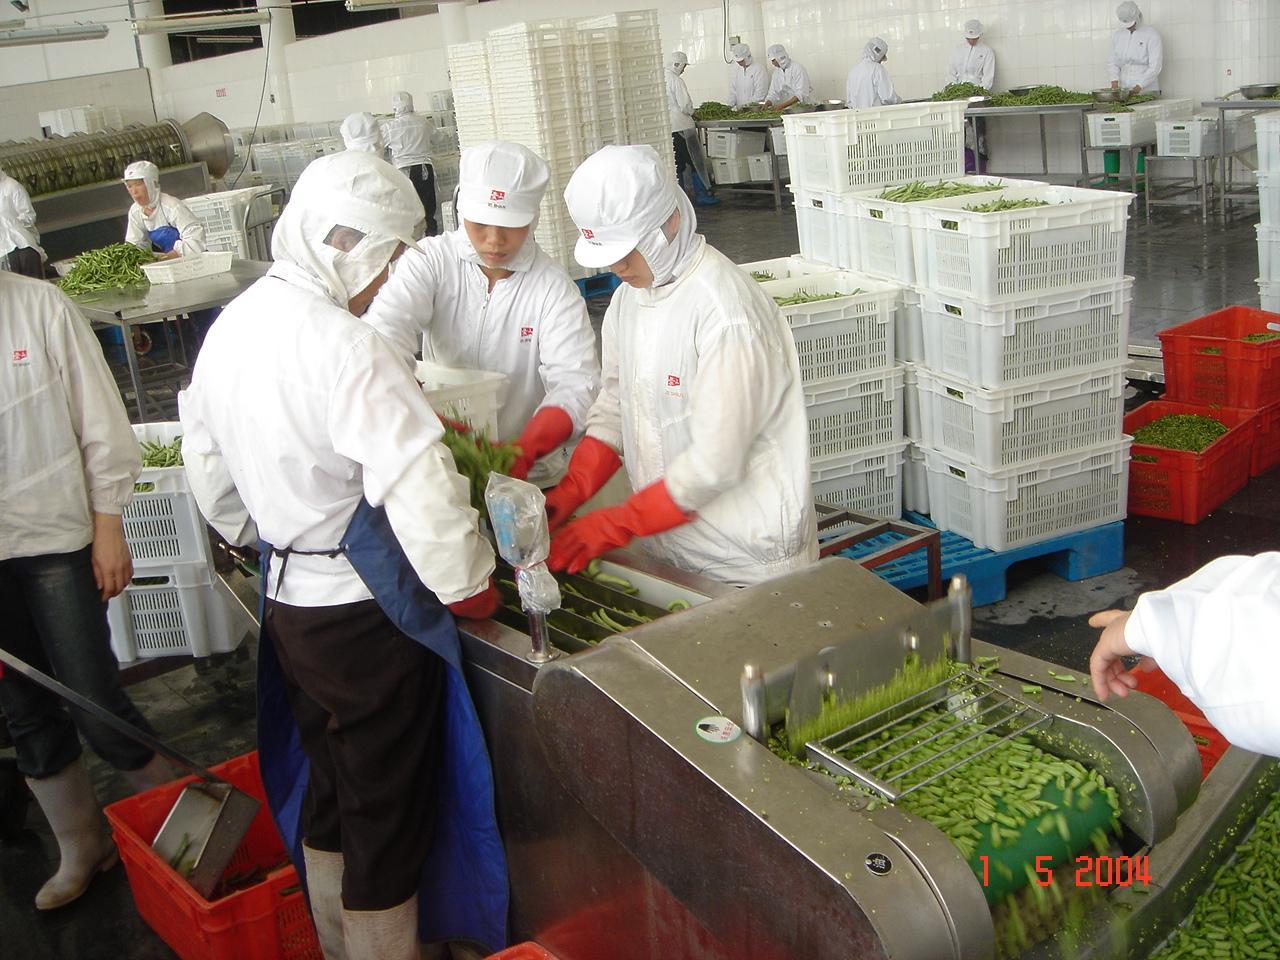 IQF Cut Green Beans,Frozen Cut Green Beans,IQF Green Beans Cuts 15